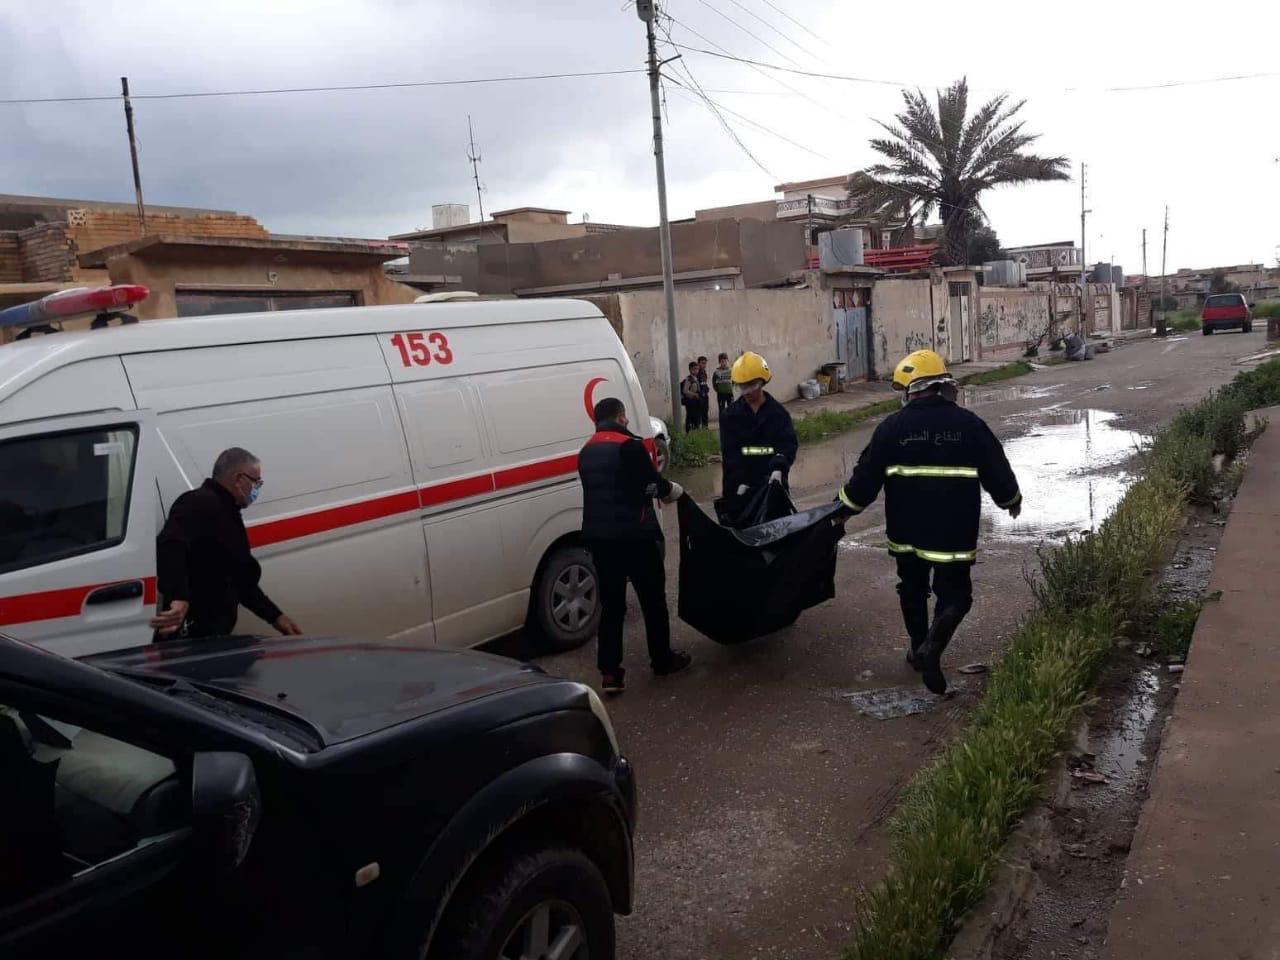 الدفاع المدني: انتشال جثتين مجهولتي الهوية في نينوى